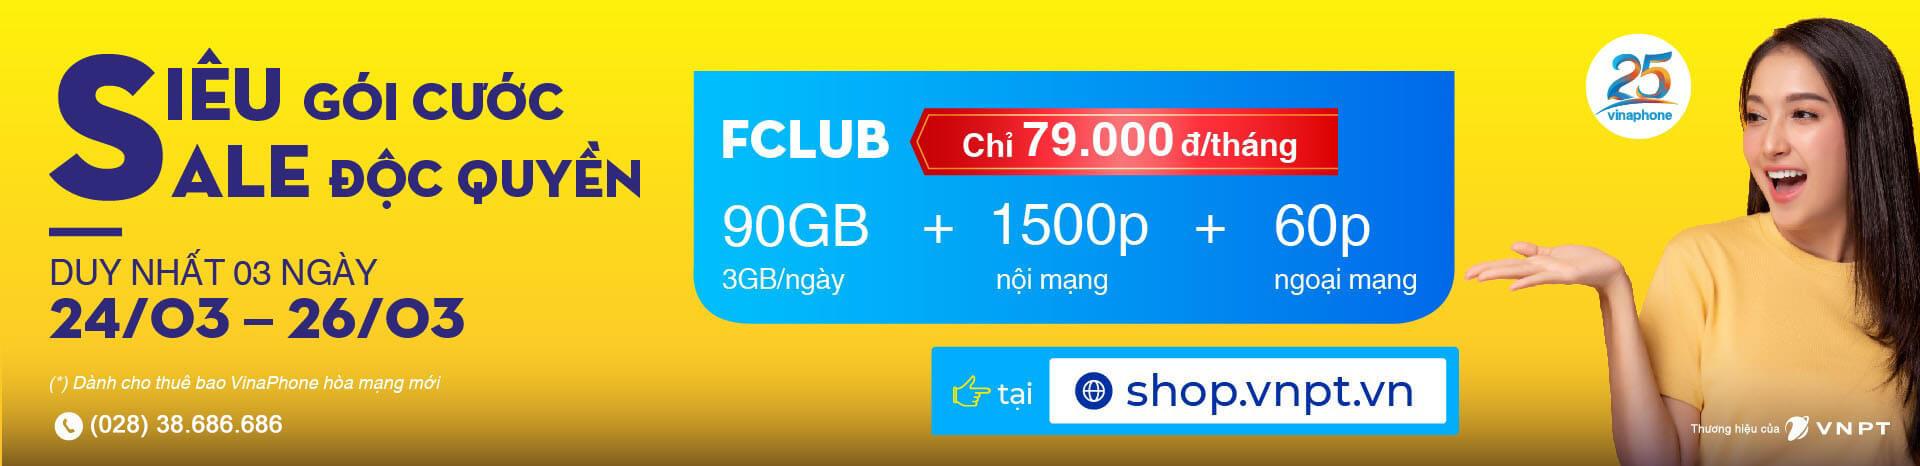 Sim Fclub VinaPhone data 3GB/ngày - Siêu gói cước Sale độc quyền